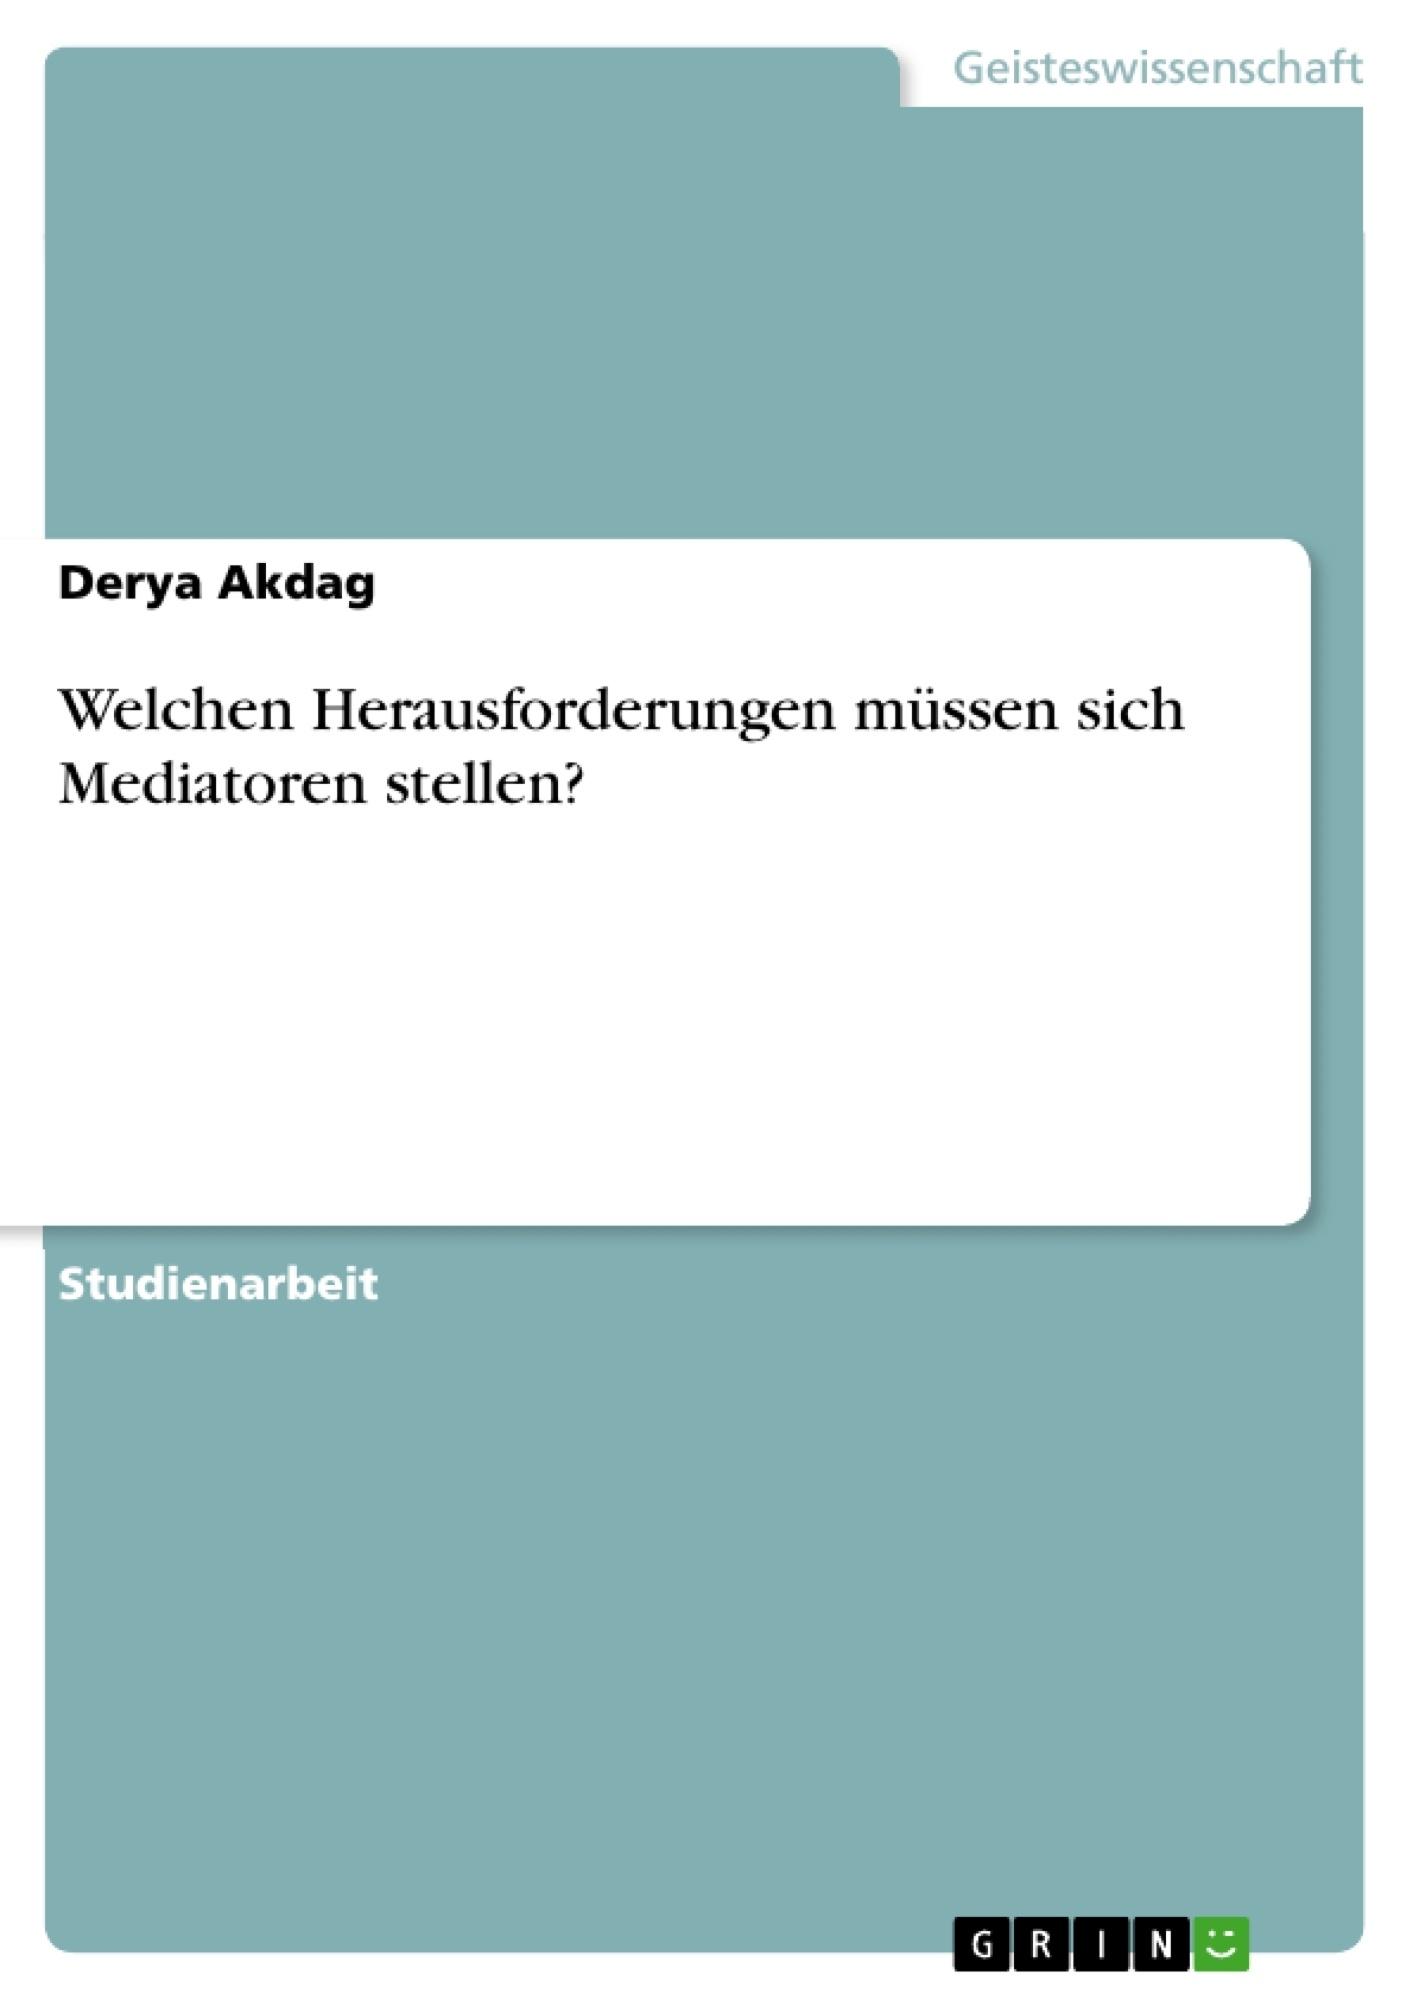 Titel: Welchen Herausforderungen müssen sich Mediatoren stellen?